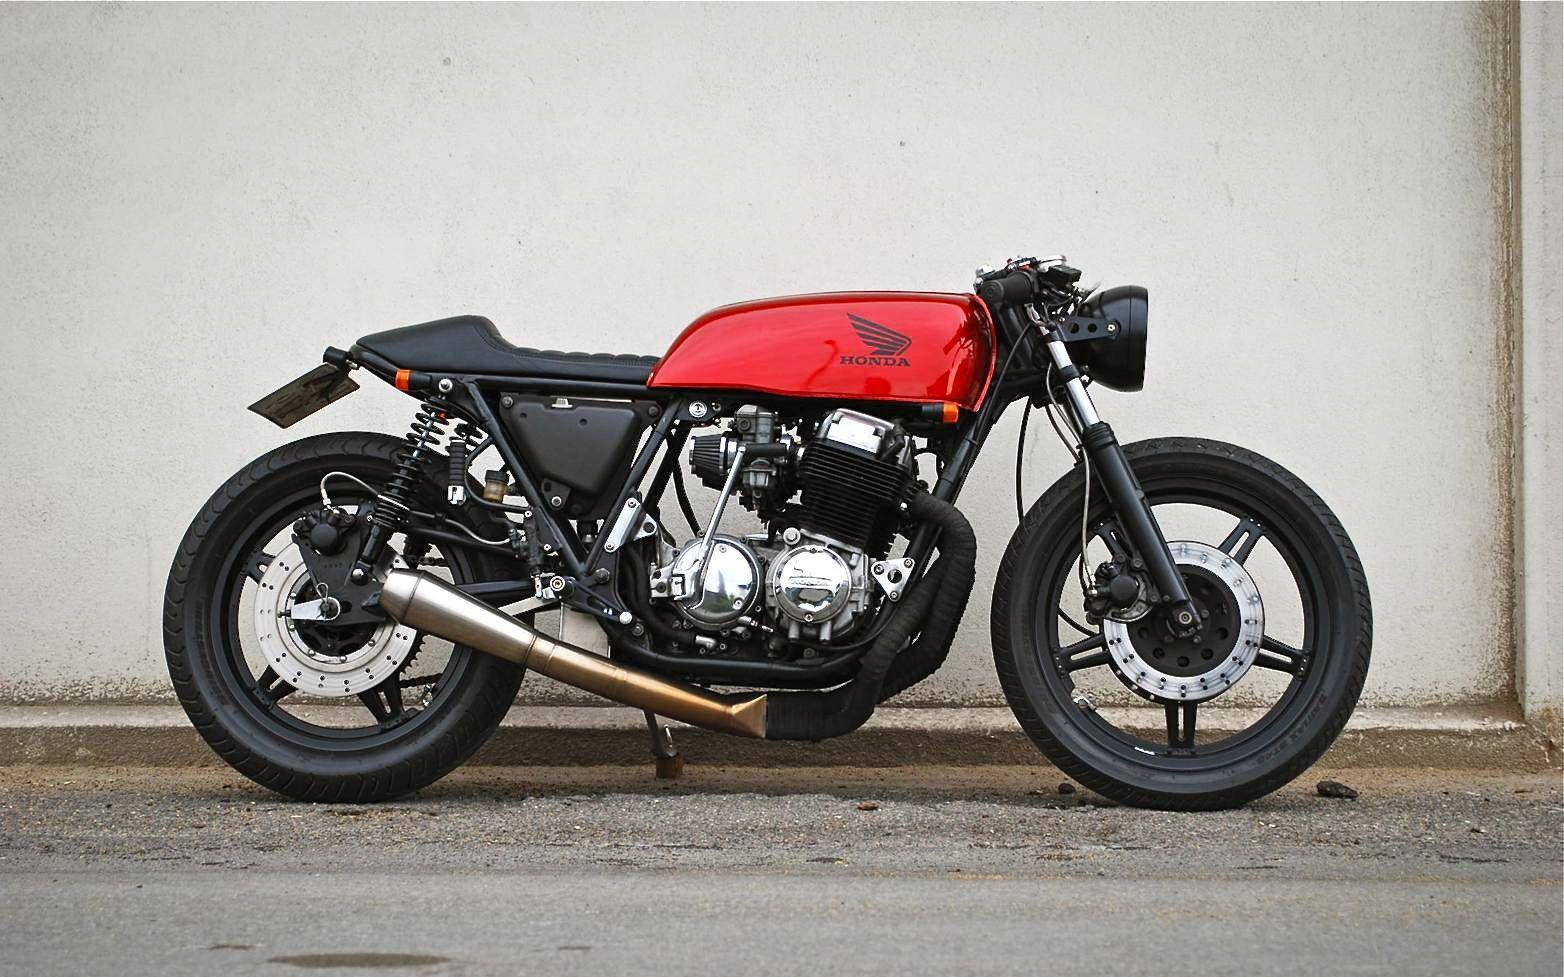 Image Result For 1977 Honda Cb 750 Tank Cb750 Cafe Racer Cafe Racer Cafe Racer Bikes [ 977 x 1564 Pixel ]